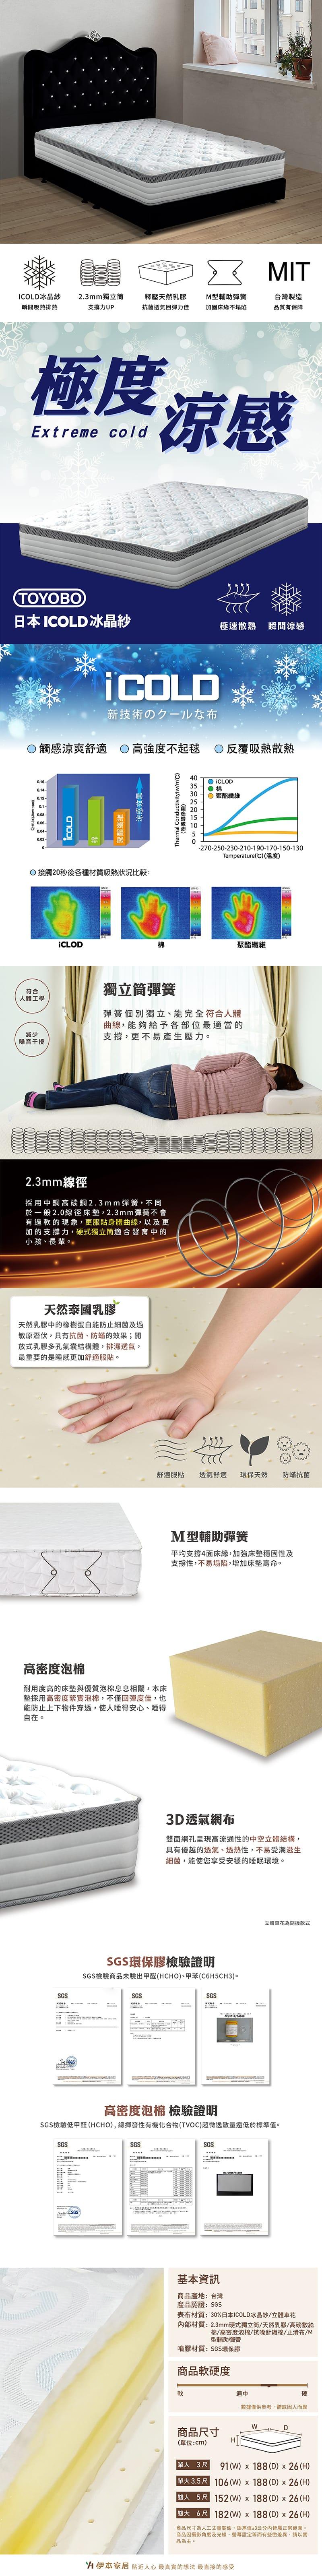 冰晶紗涼感乳膠獨立筒床墊 單人3尺(鑽石系列)